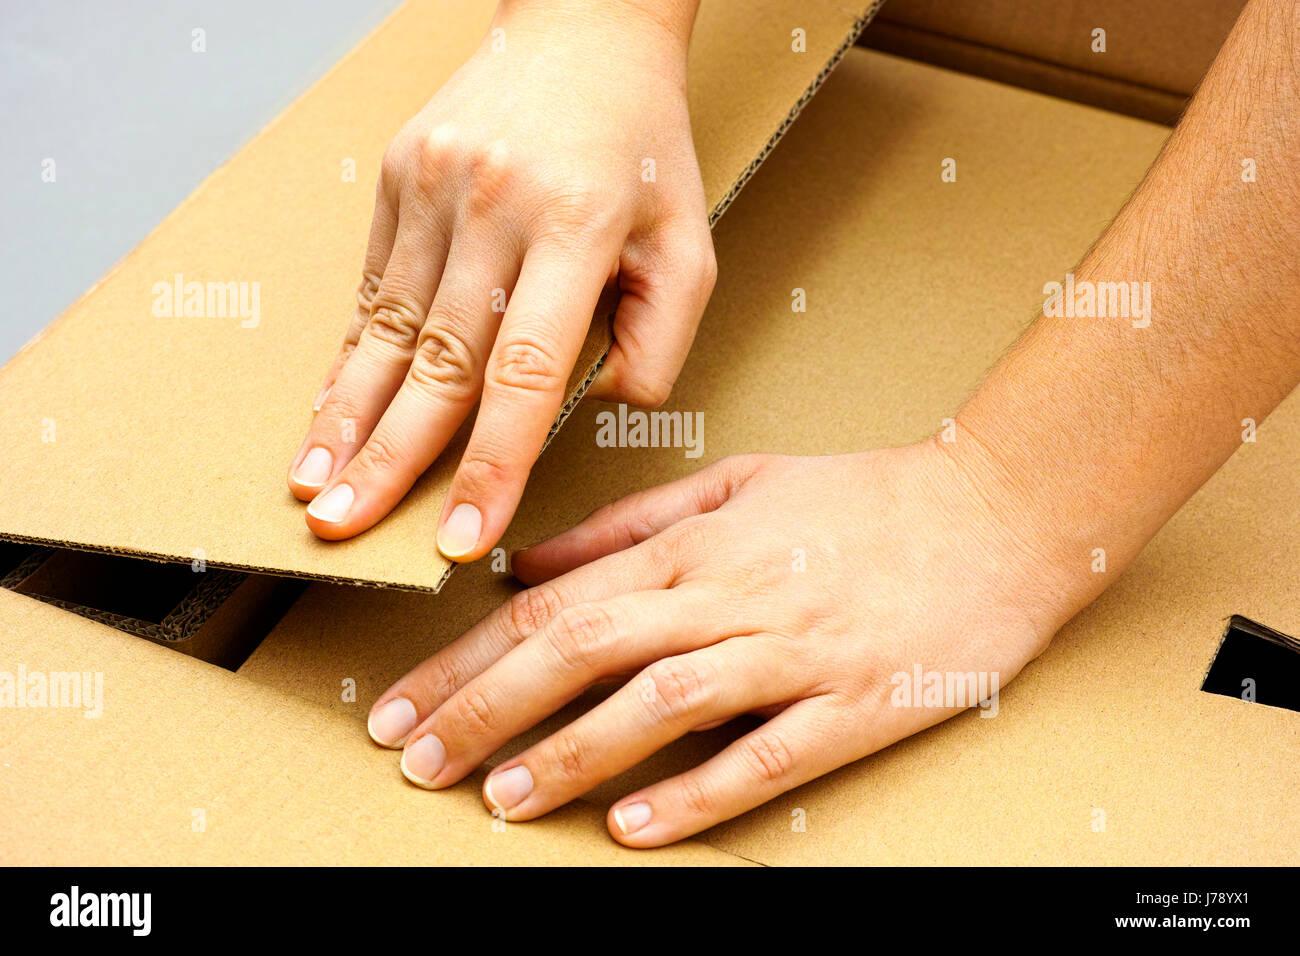 Deux mains femme grande ouverture boîte en carton avec fond gris. Close-up. Photo Stock